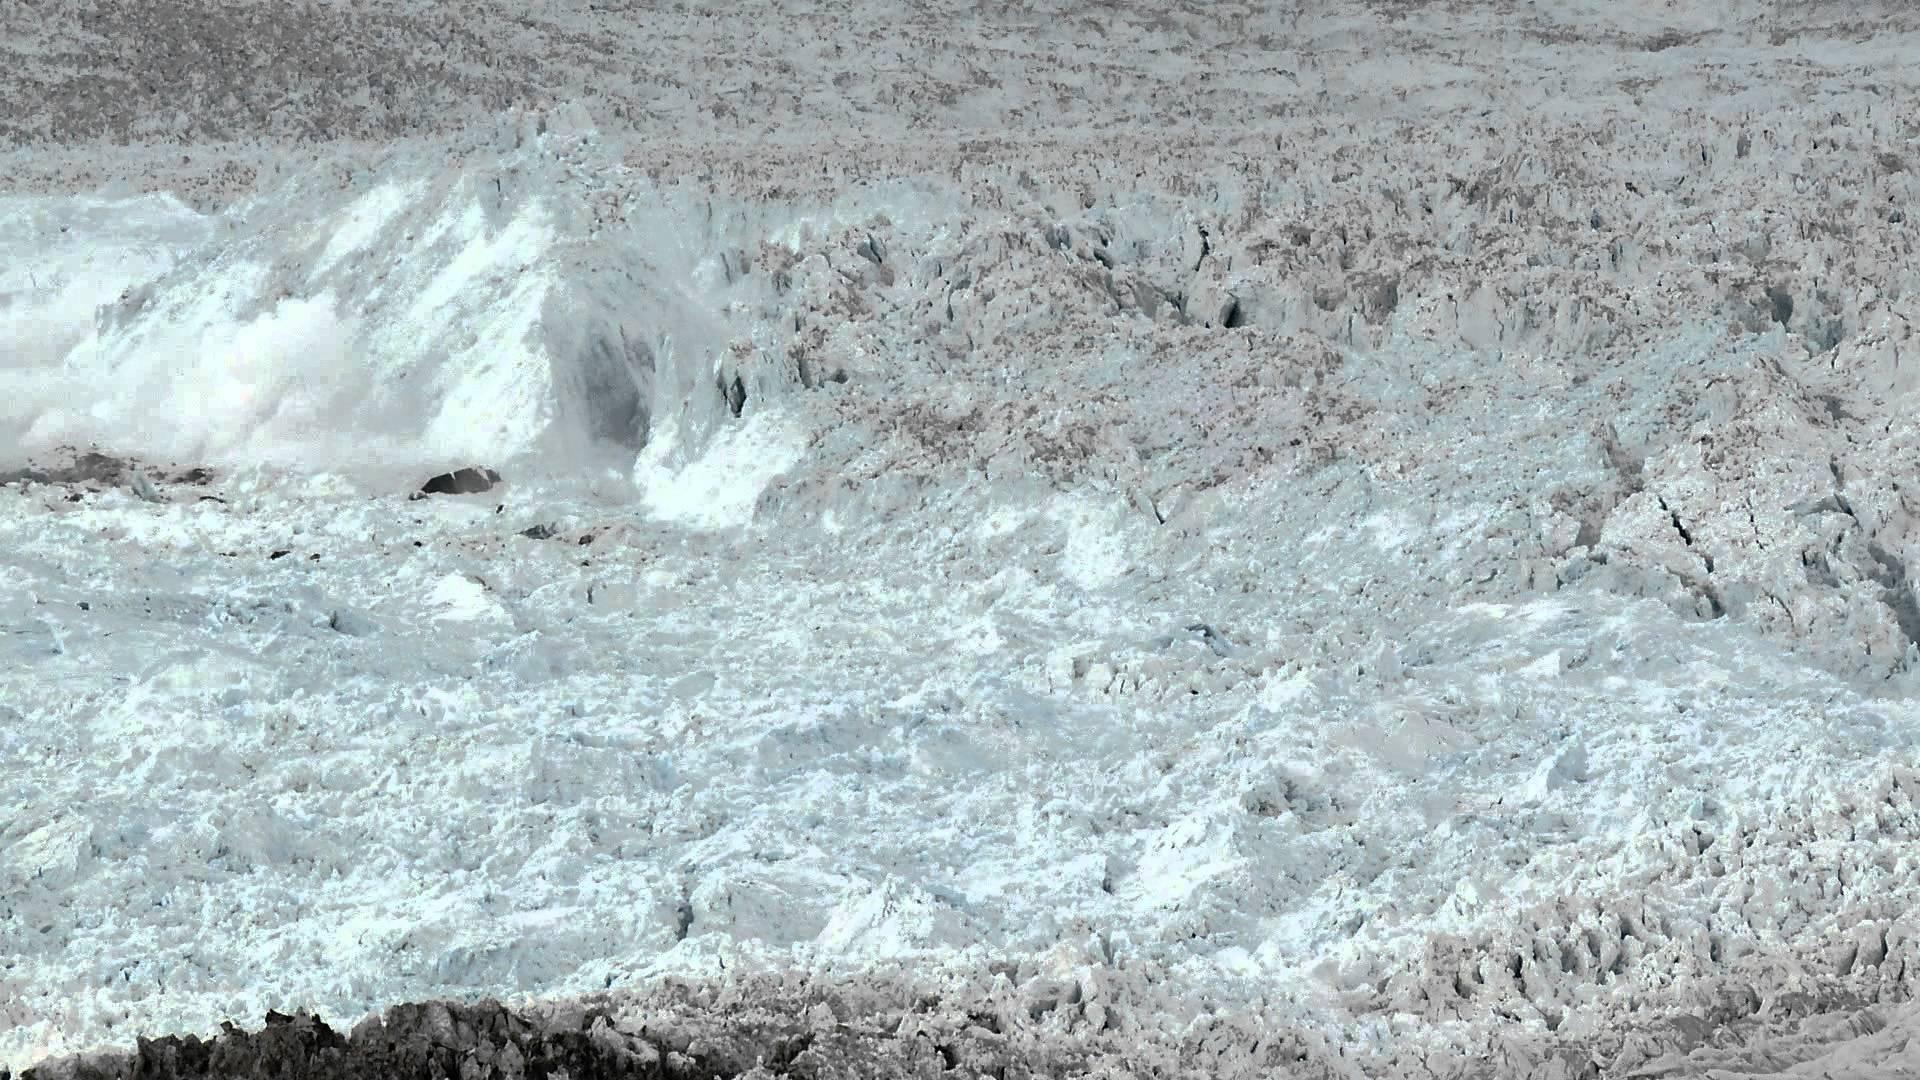 The largest glacier calving ever filmed